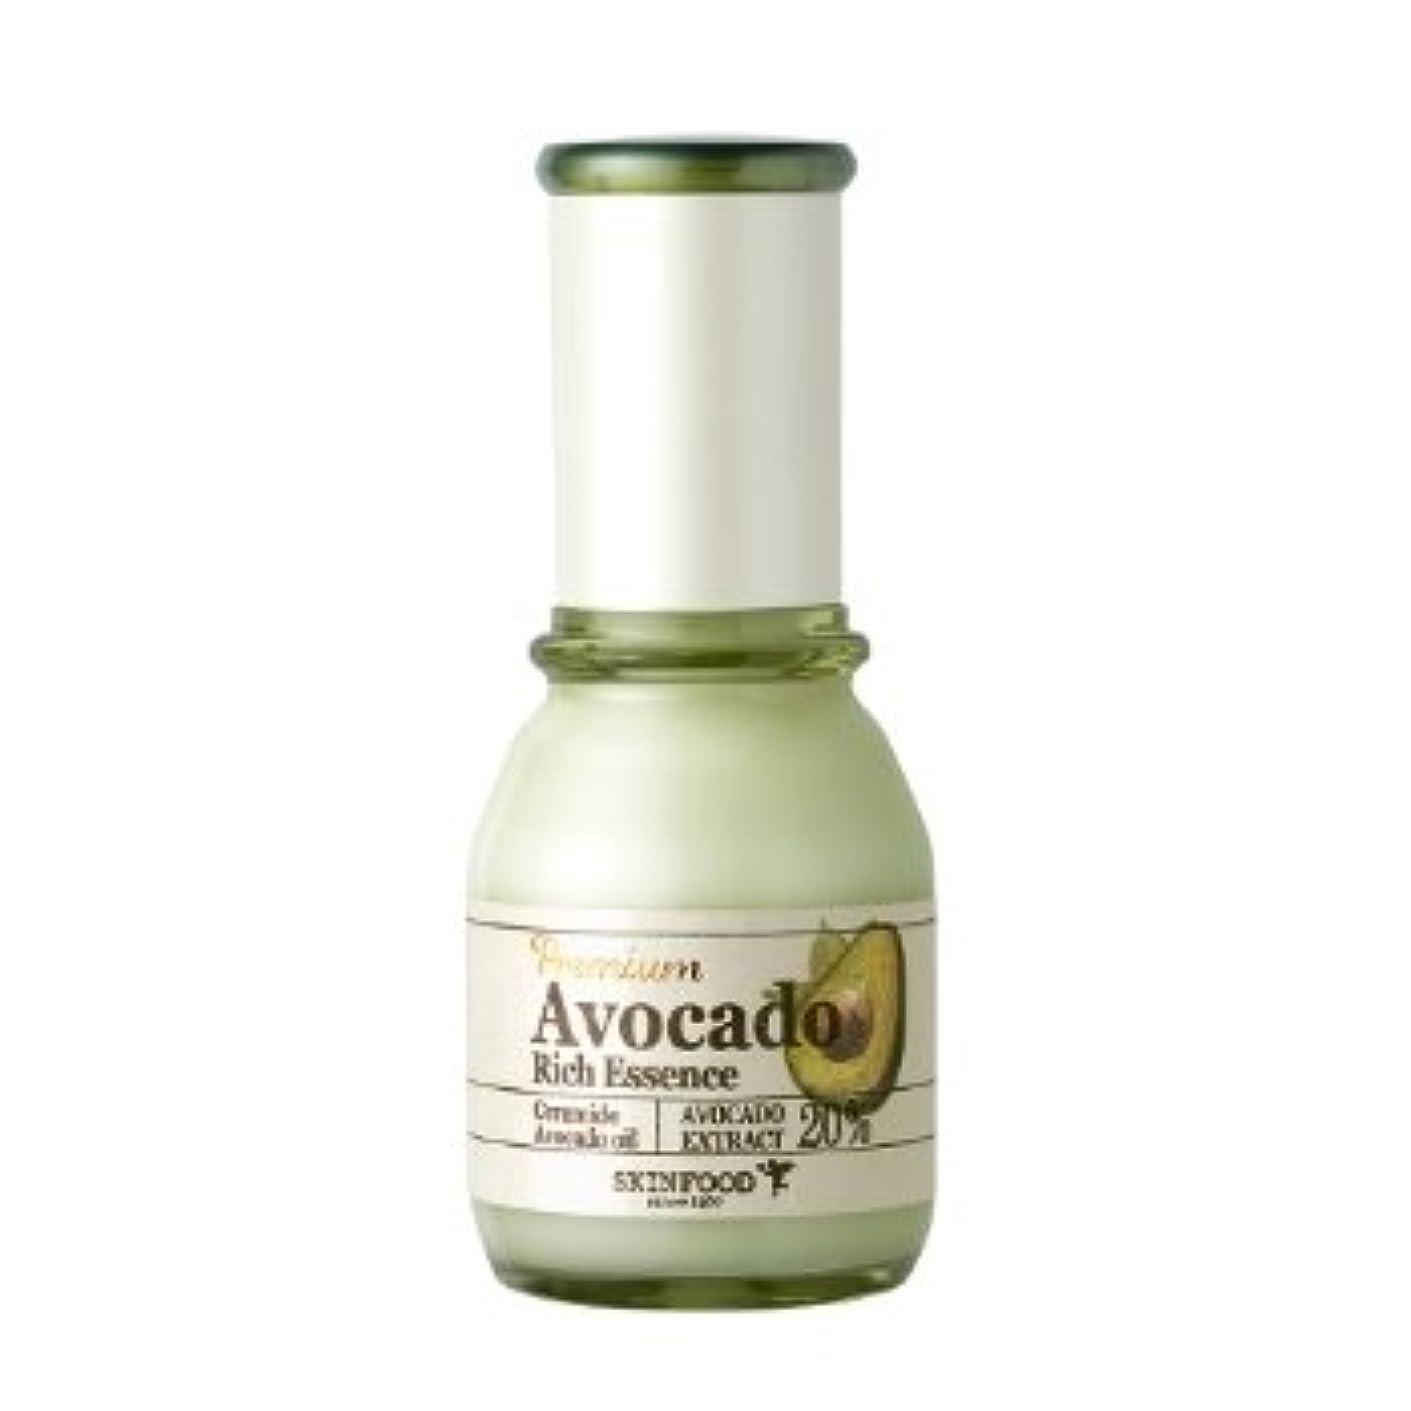 放映幻想比類なきスキンフード [Skin Food] プレミアム アボカド リーチ エッセンス 50ml / Premium Avocado Rich Essence 海外直送品